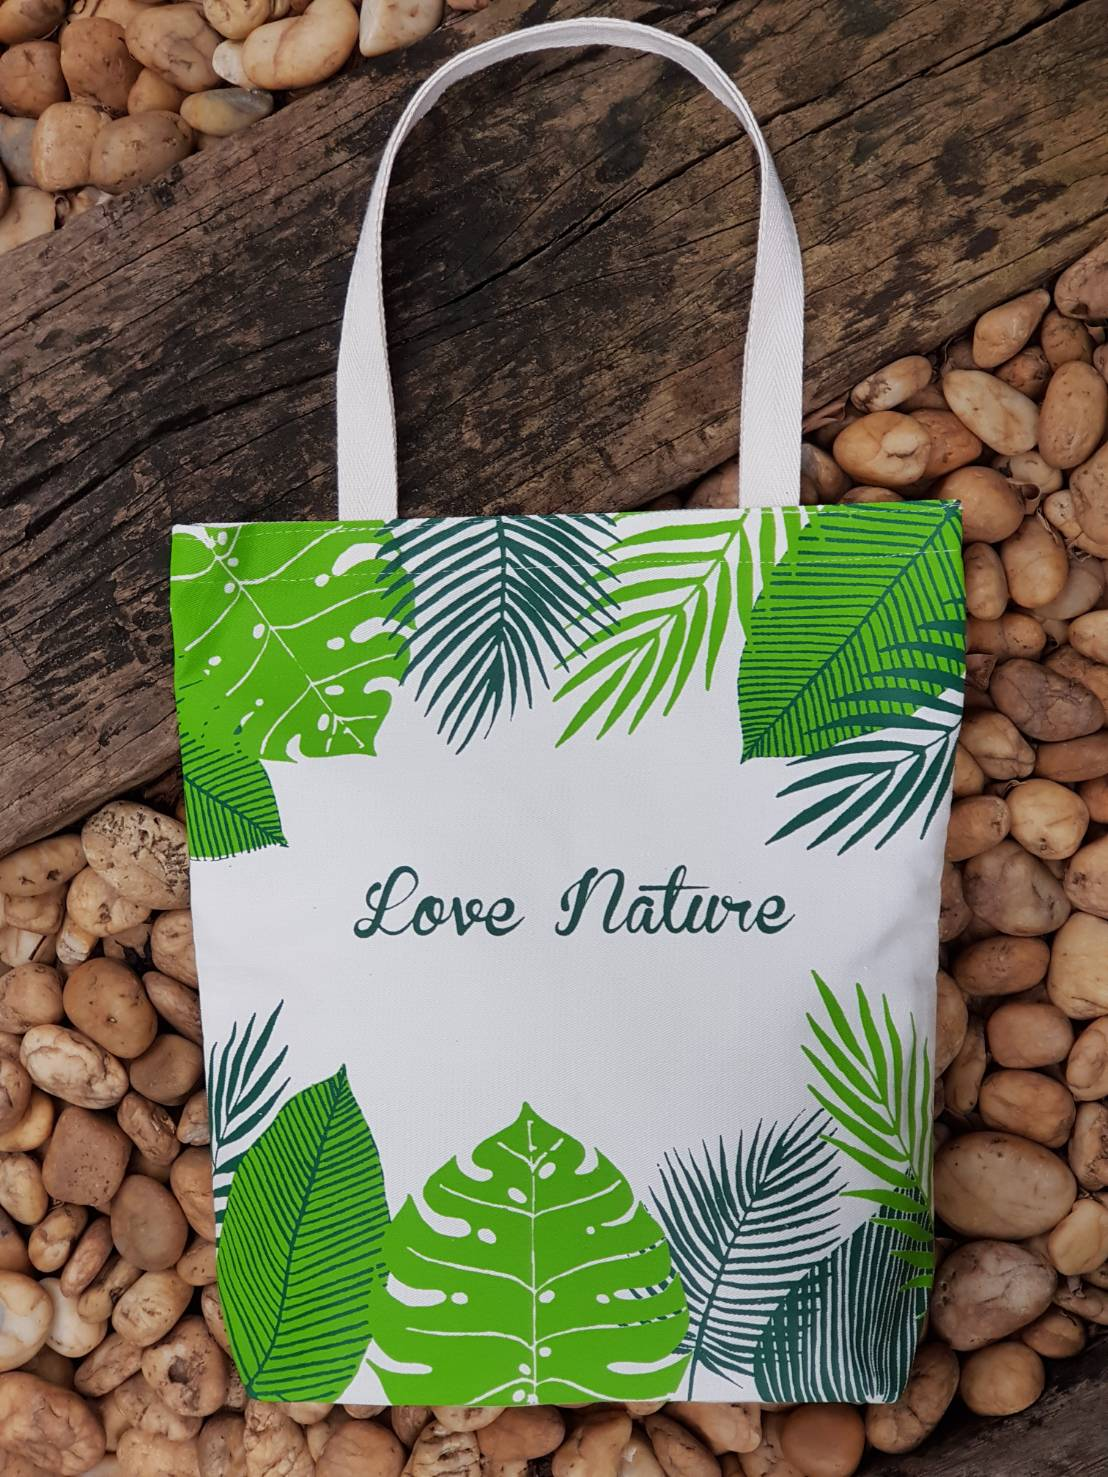 งานออกแบบ, ดีไซน์, สกรีน, ถุงผ้าดิบ, 600d, กระเป๋าผ้าดิบ, ถุงผ้า, ลดโลกร้อน, สกรีนลายสำเร็จรูป, ขายส่ง, ลายน่ารัก, จาก baginlove.com, ใบไม้, ธรรมชาติ, love nature